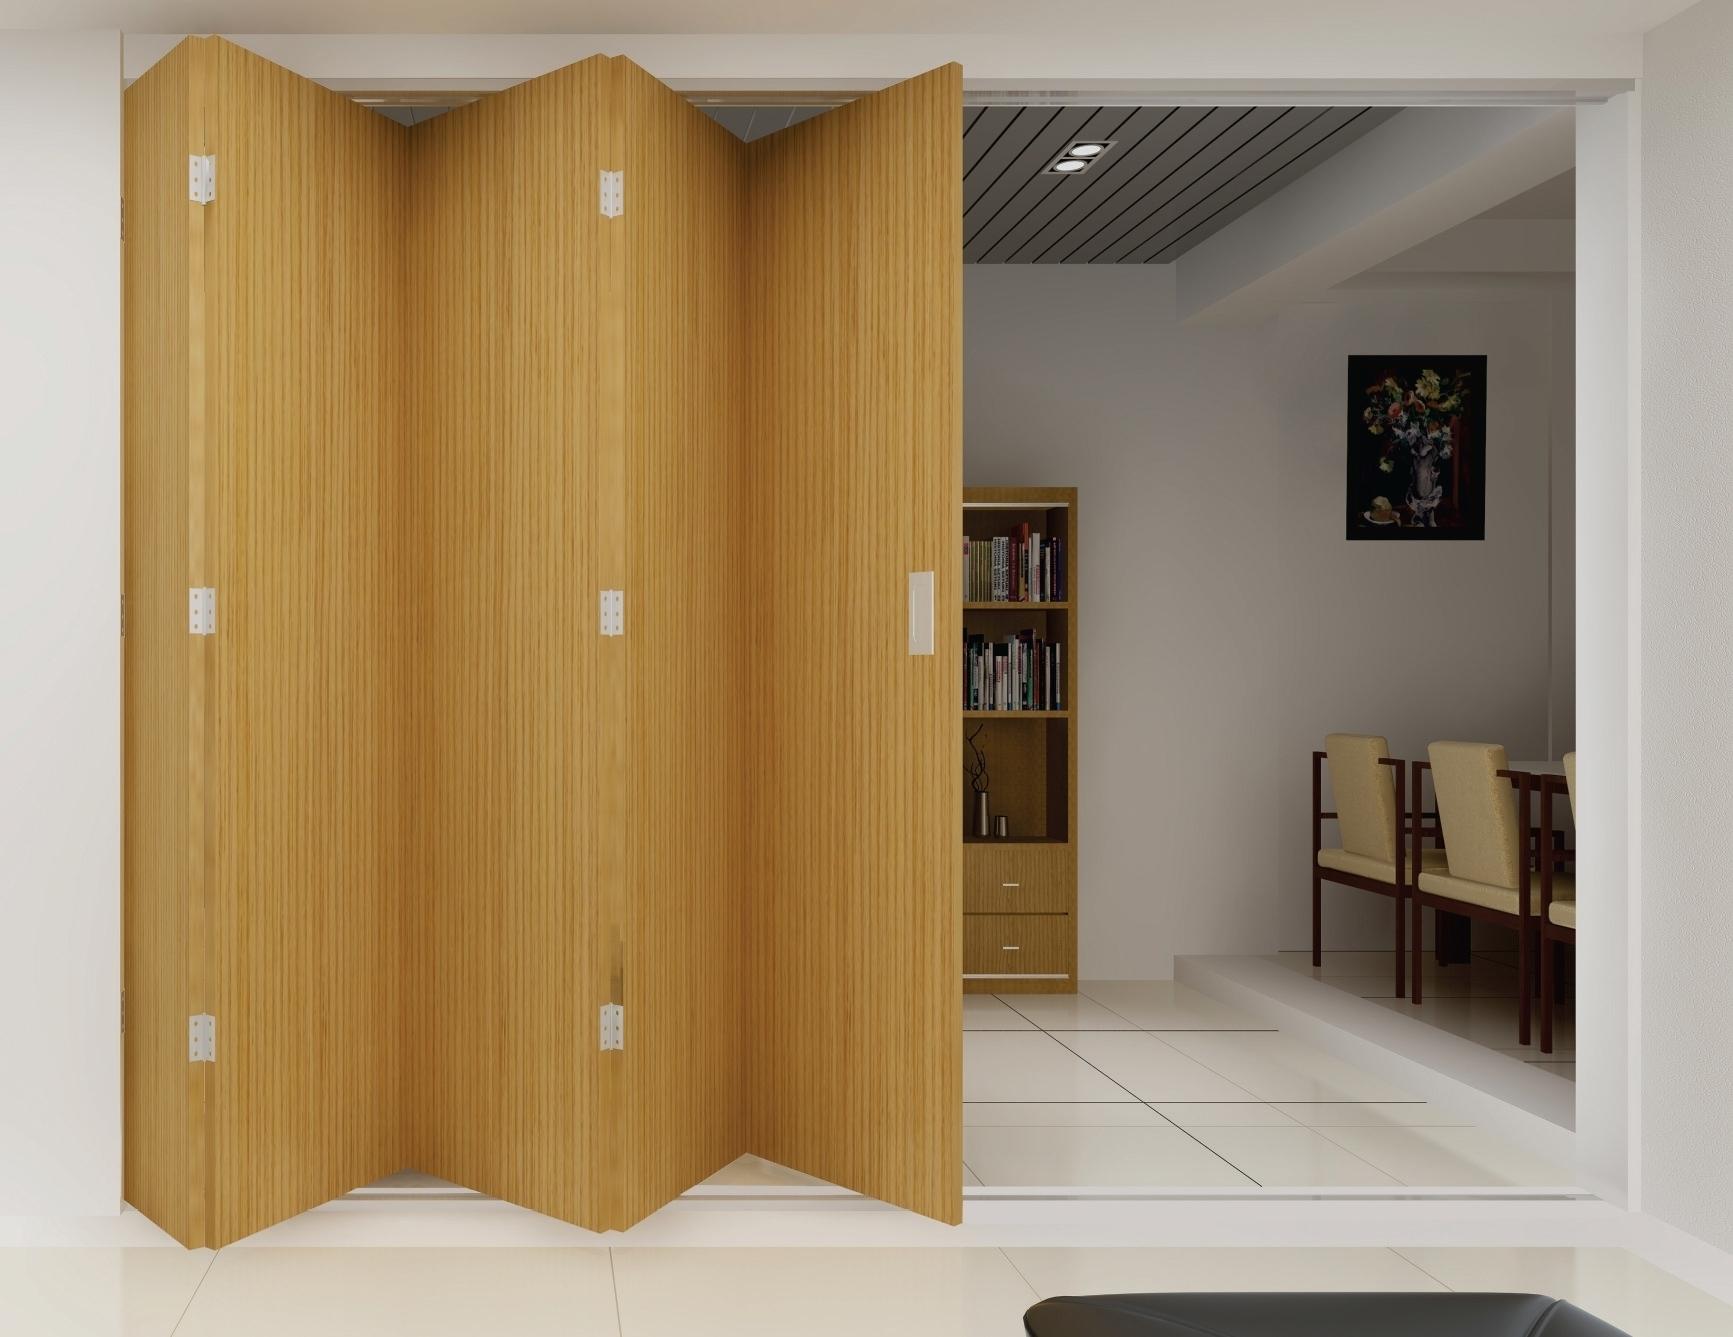 Hafele Pocket Sliding Door Systemhafele pocket door image collections door design ideas